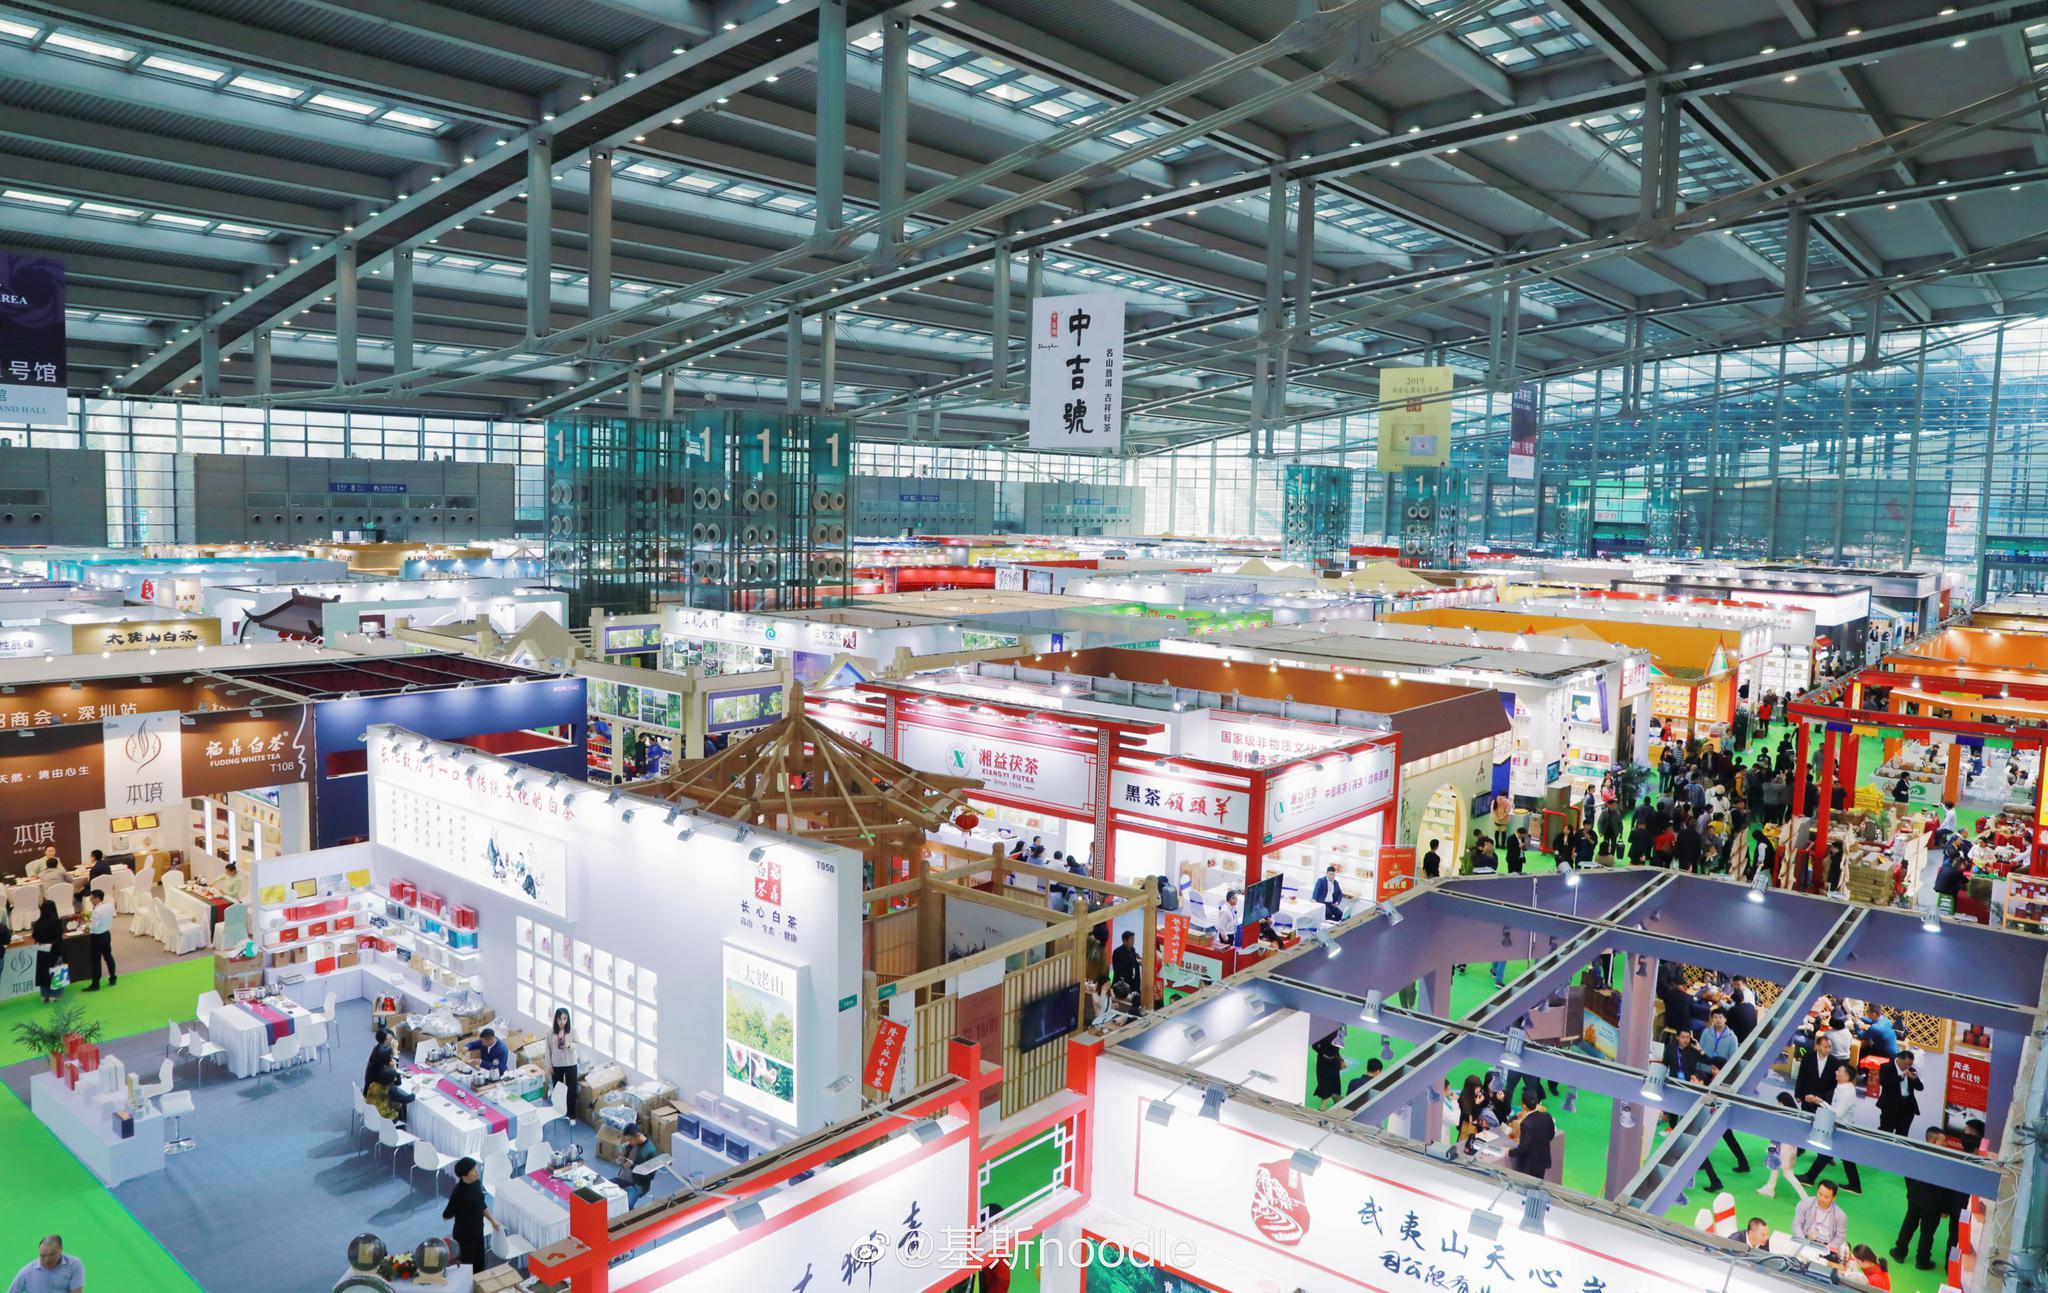 热烈祝贺2019中国(深圳)国际秋季茶产业博览会在深圳会展中心盛大开